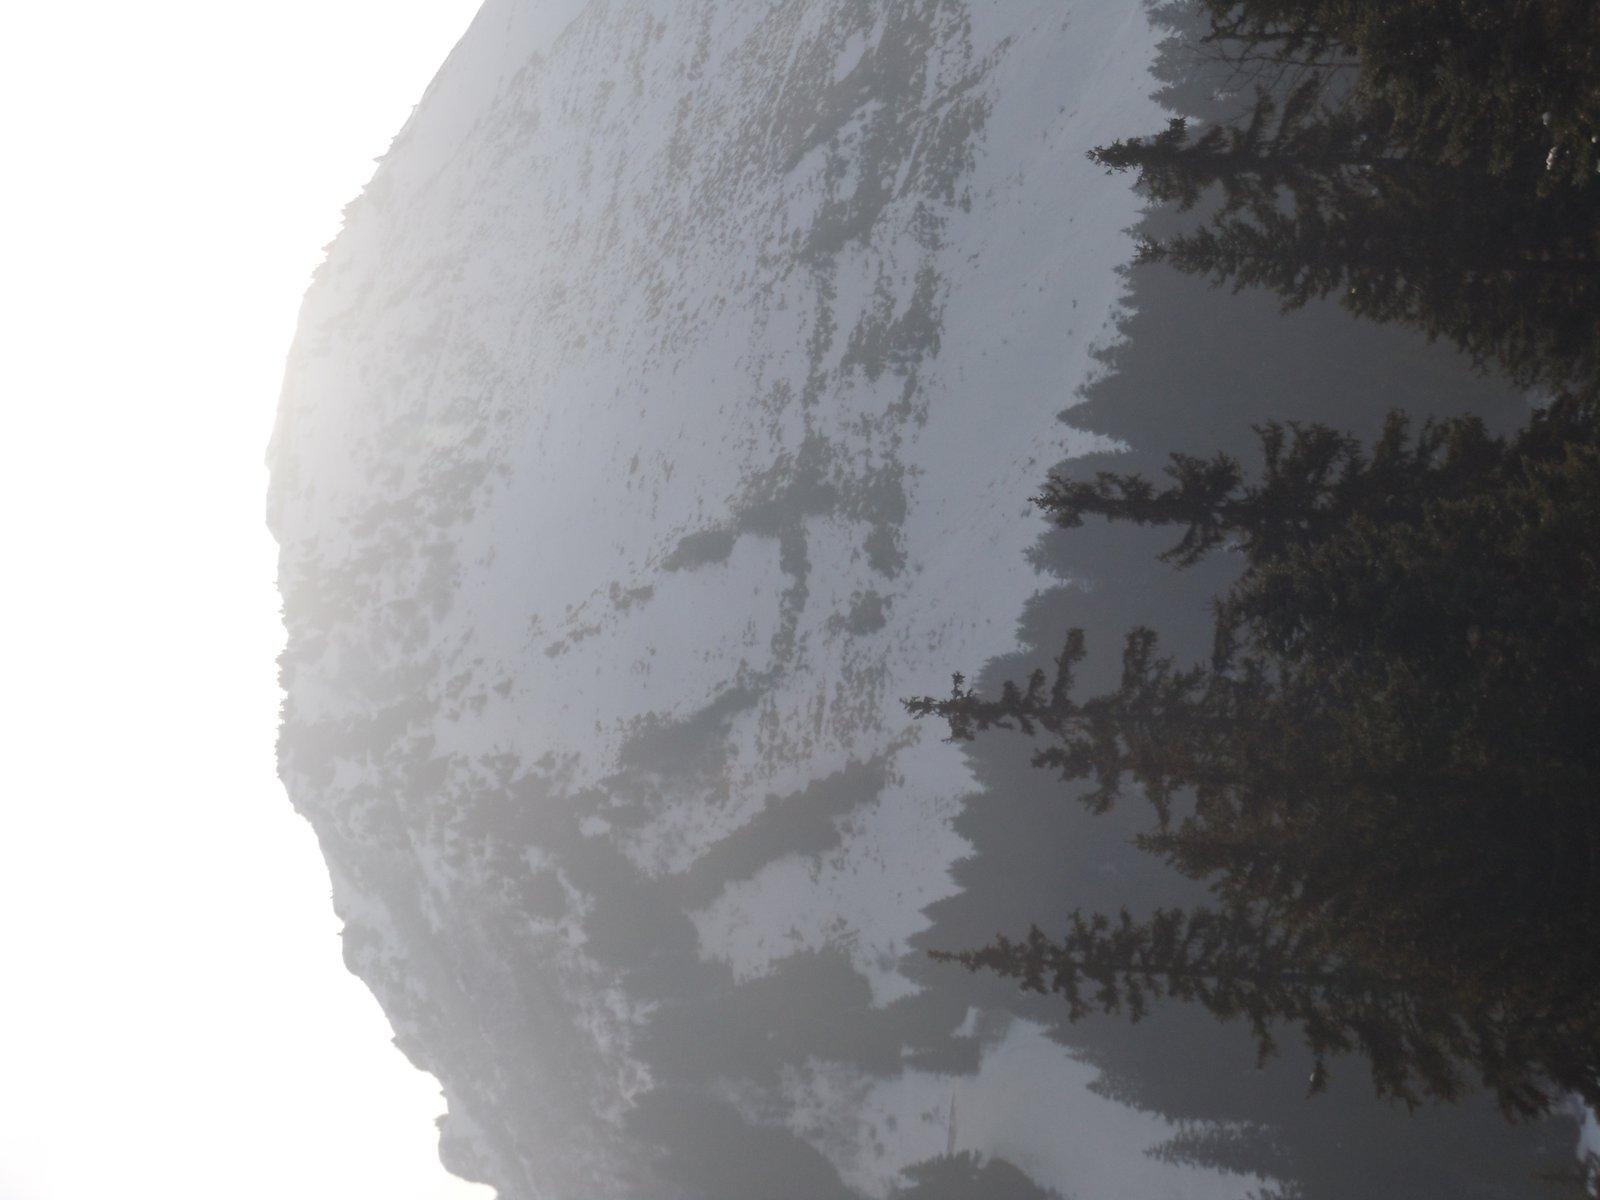 Big ol' mountain